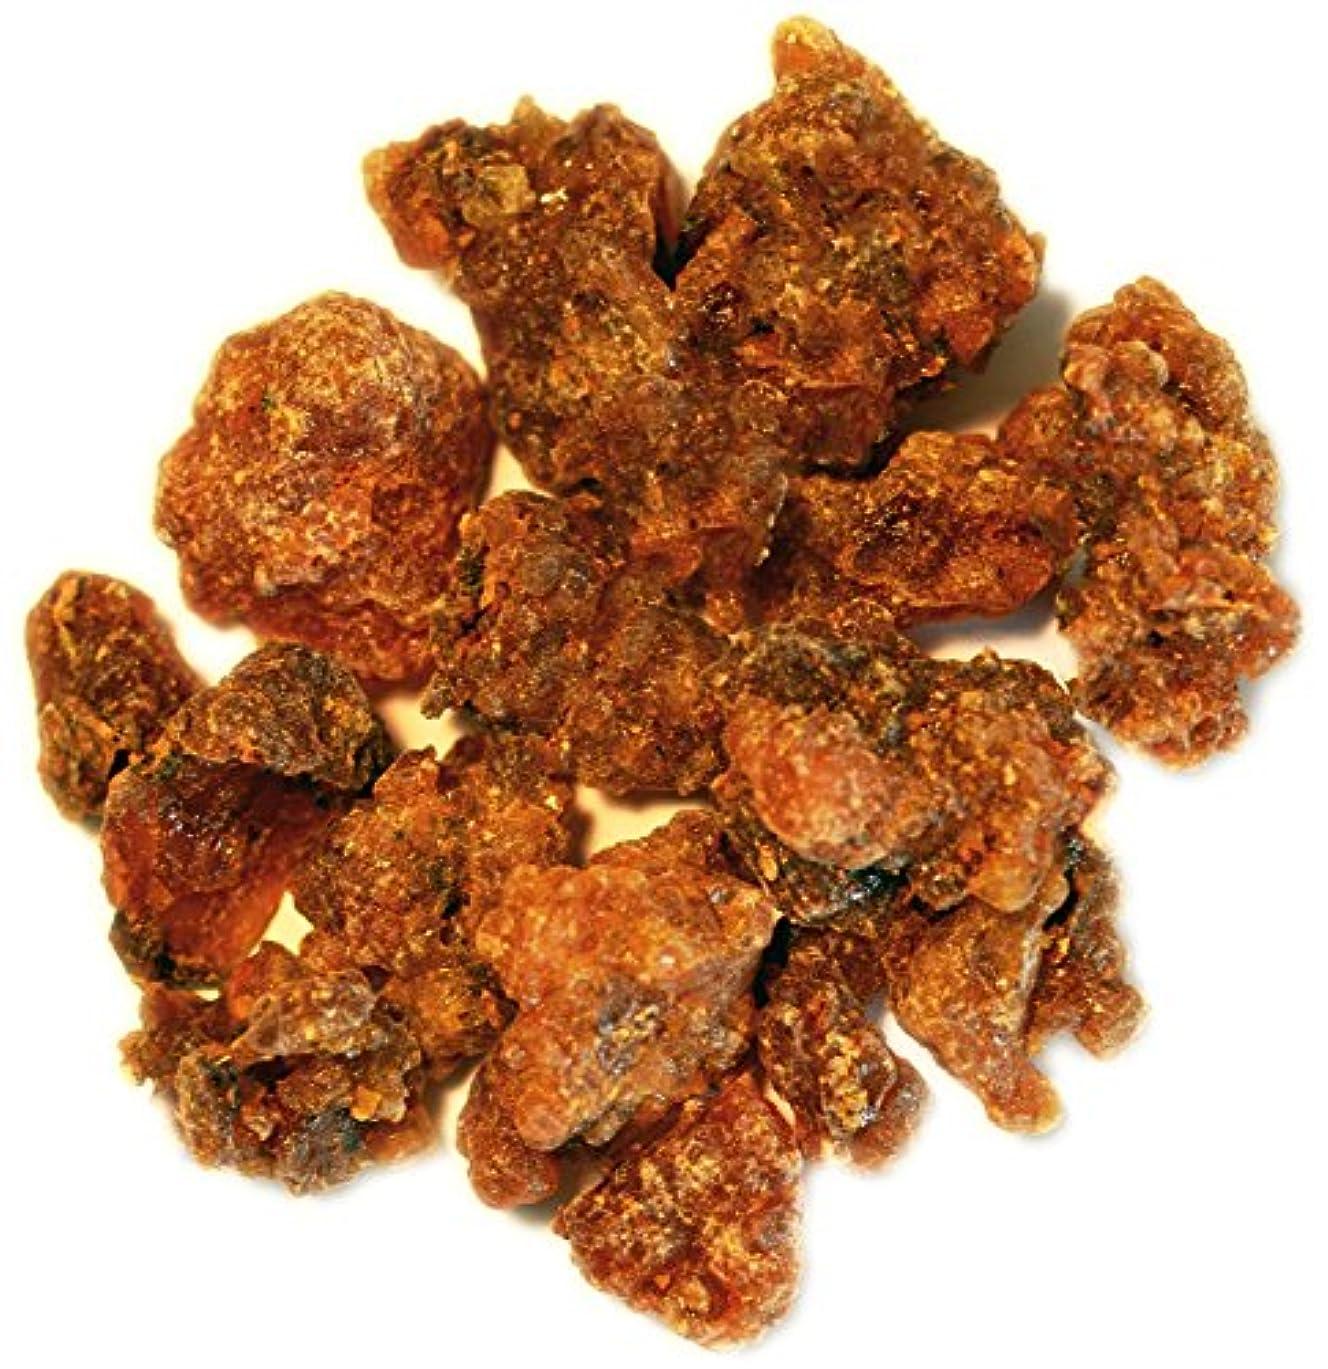 治すおじさん取得Myrrh Resin - Organic - 0.2kg - by EarthWise Aromatics